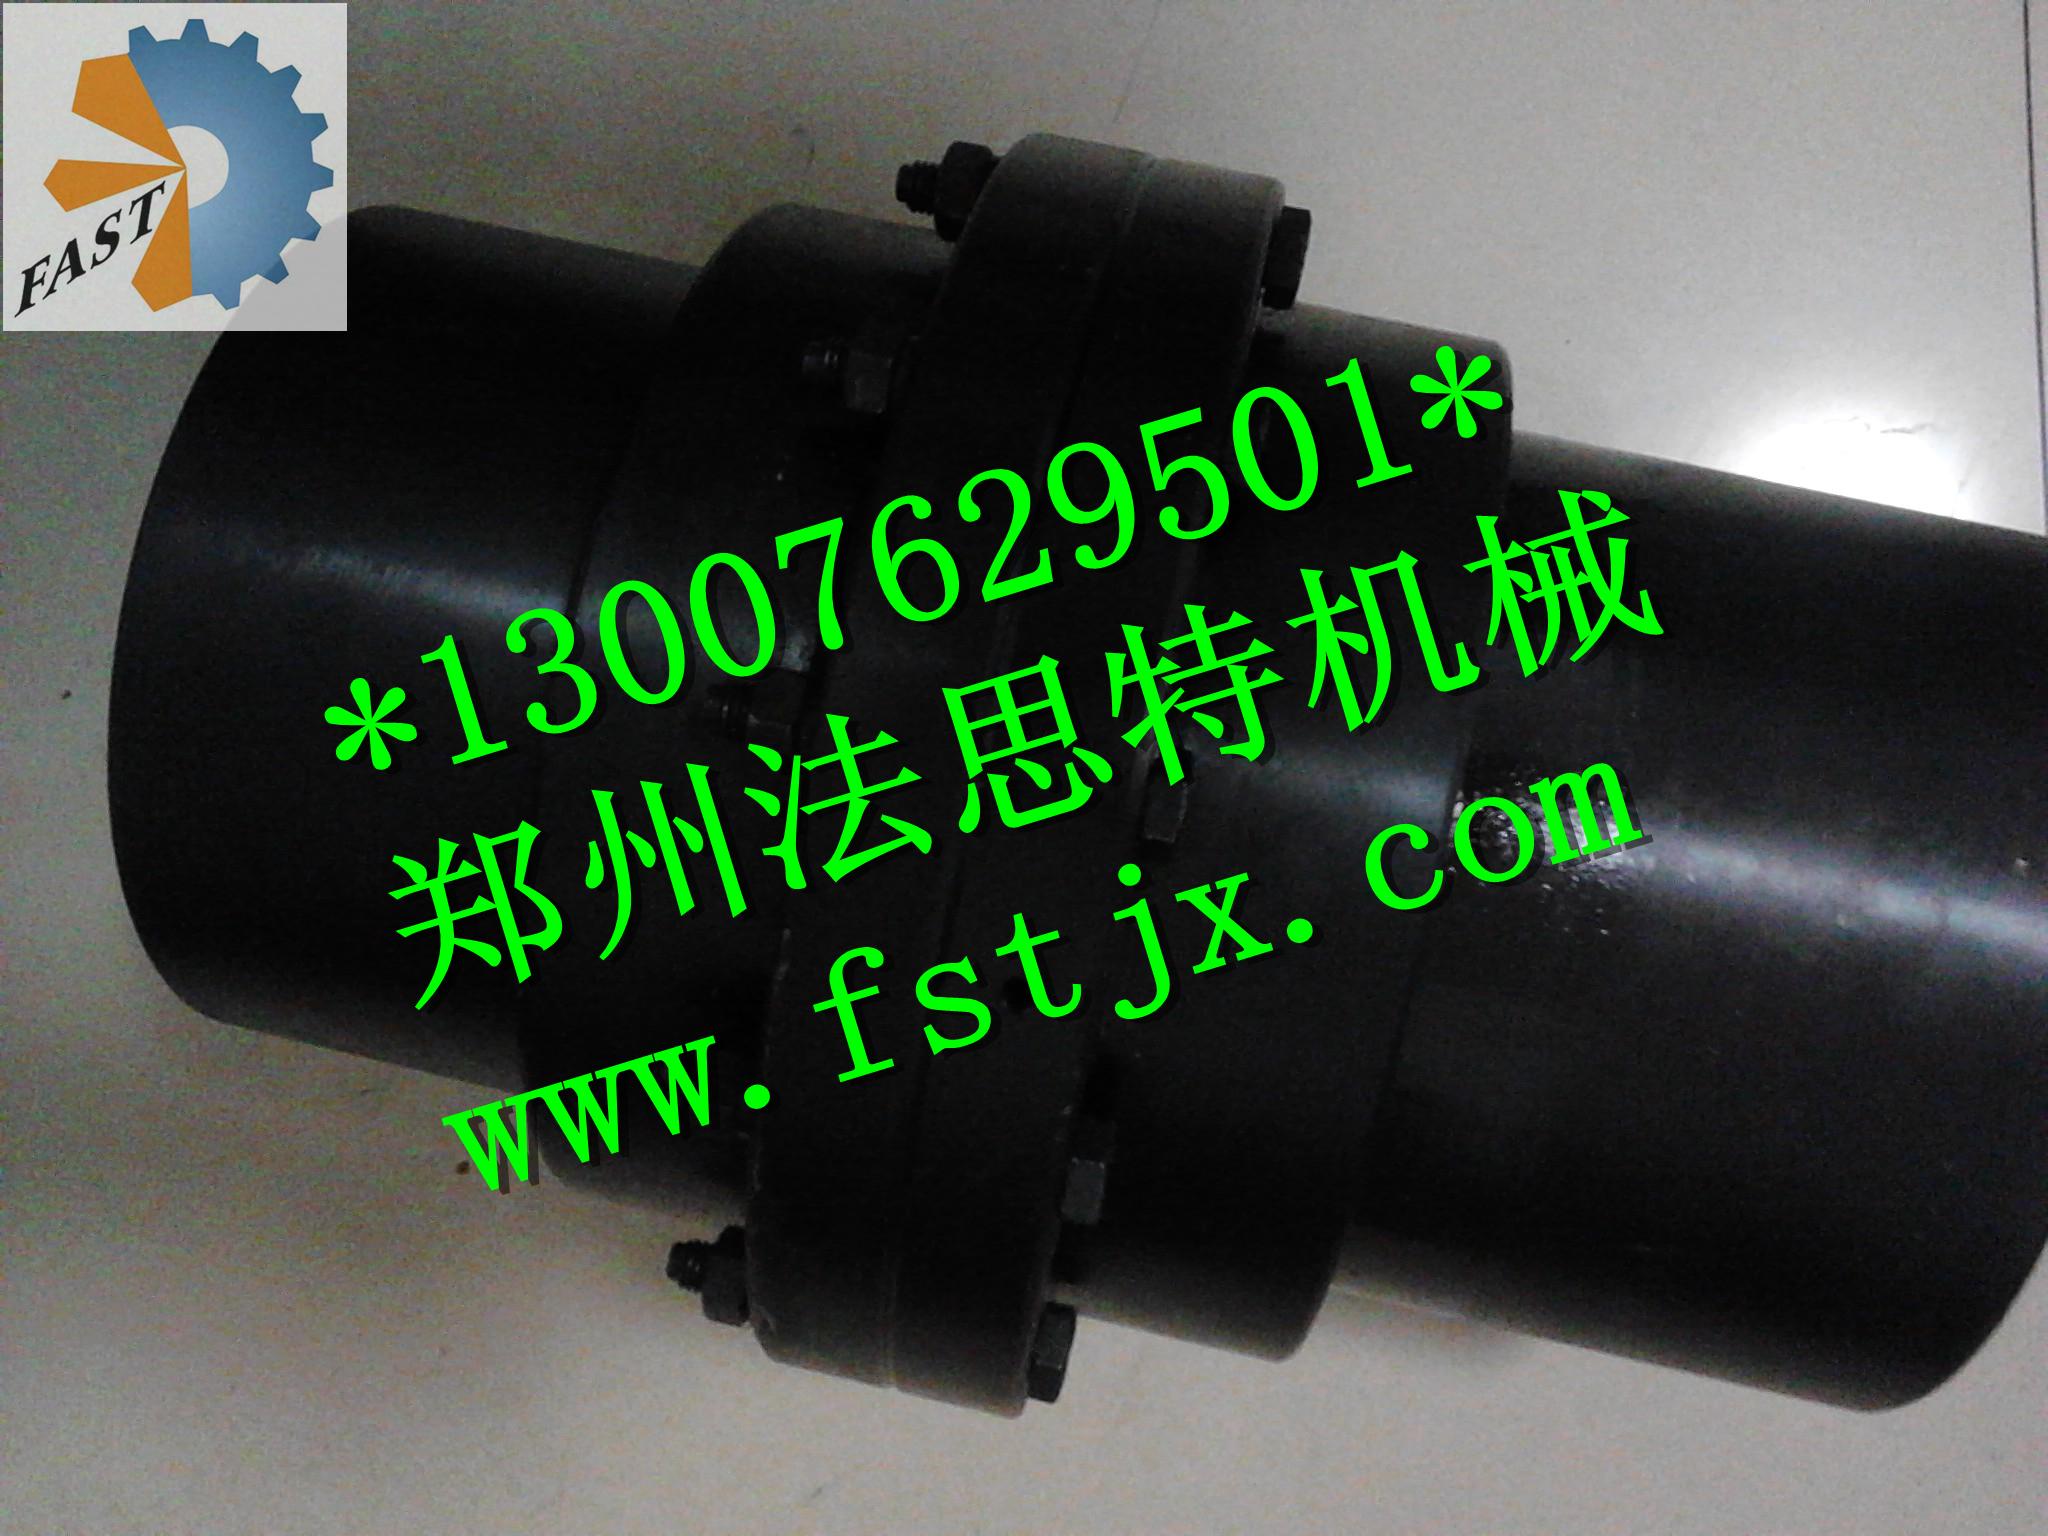 供应用于造纸机破碎机的贵州贵阳GⅡCL型鼓形齿联轴器厂家